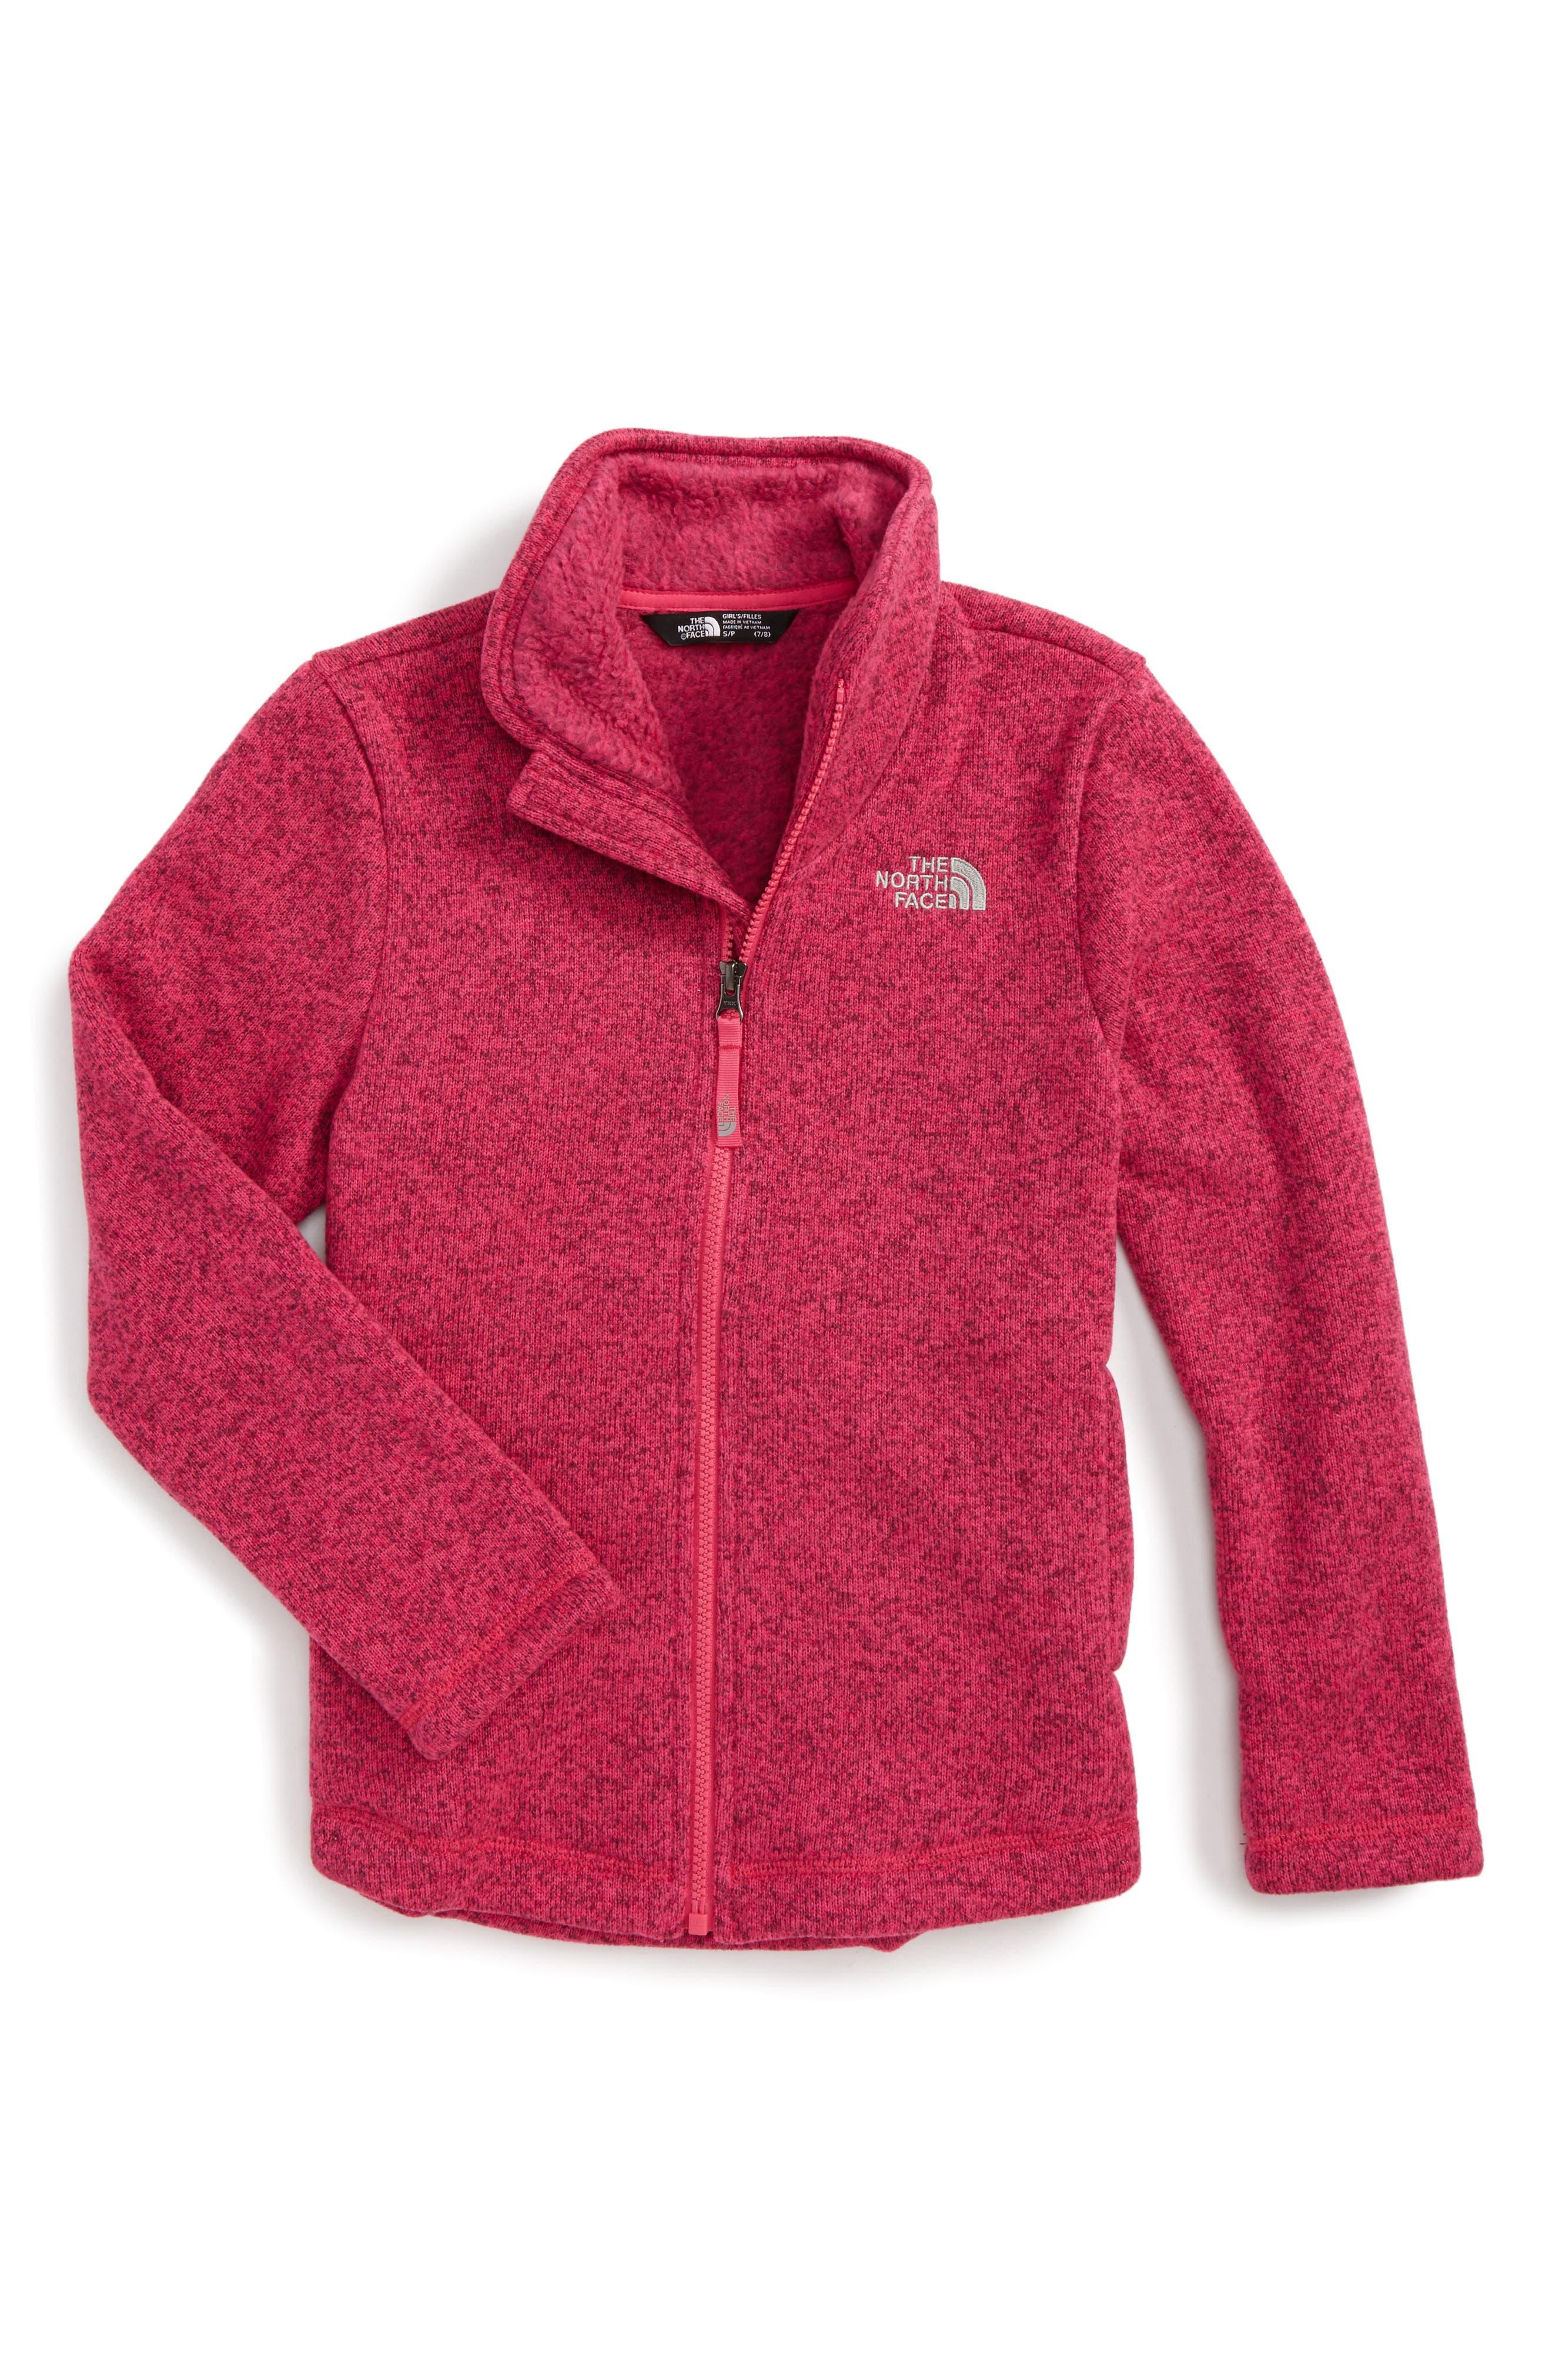 The North Face Crescent Fleece Jacket (Little Girls & Big Girls)